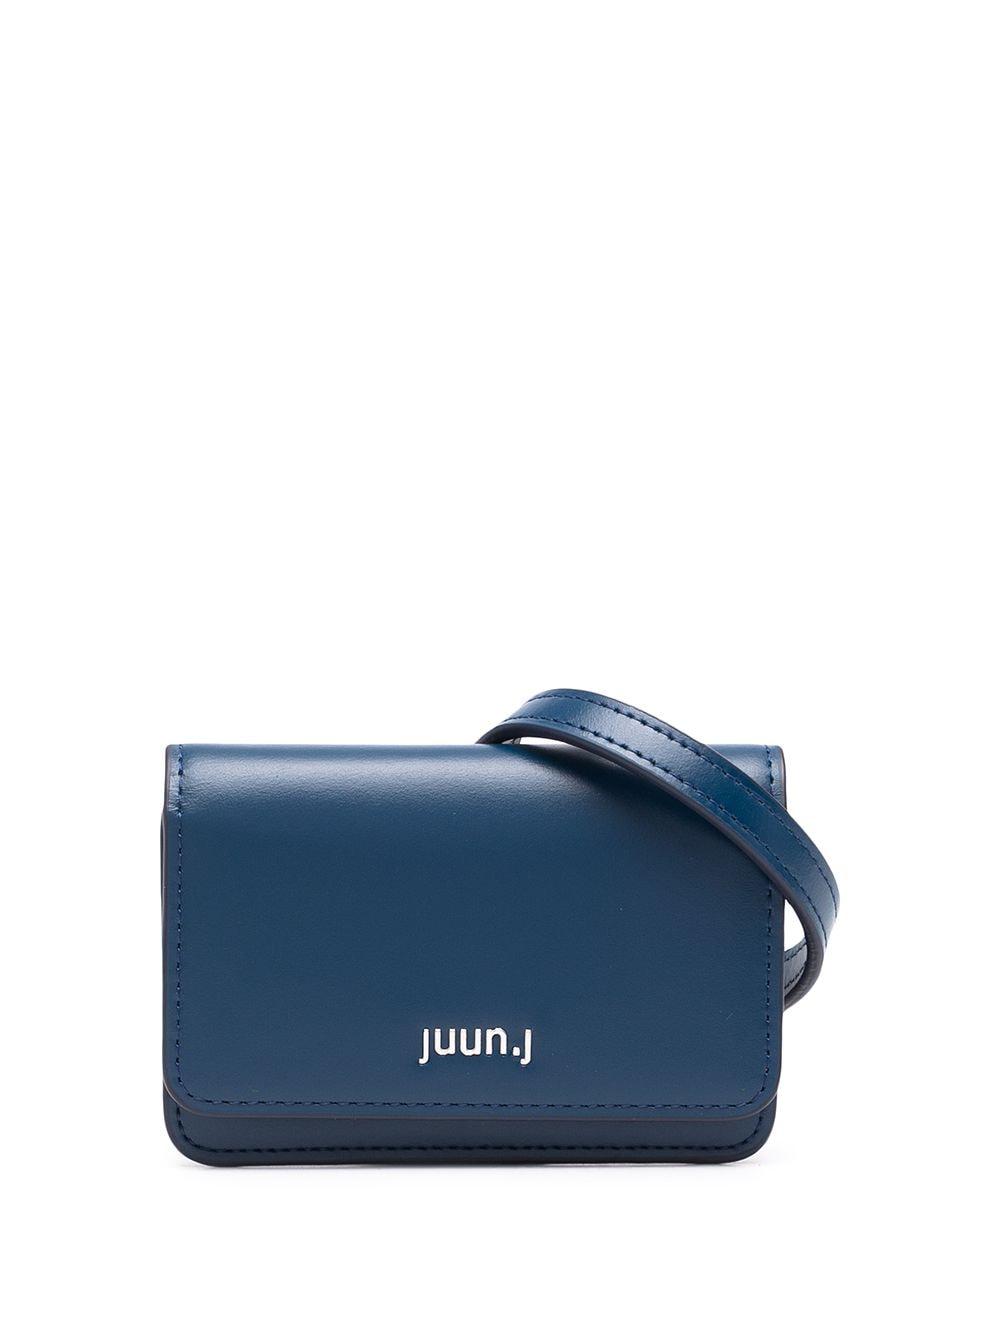 Juun.J Gürteltasche mit Logo - Blau